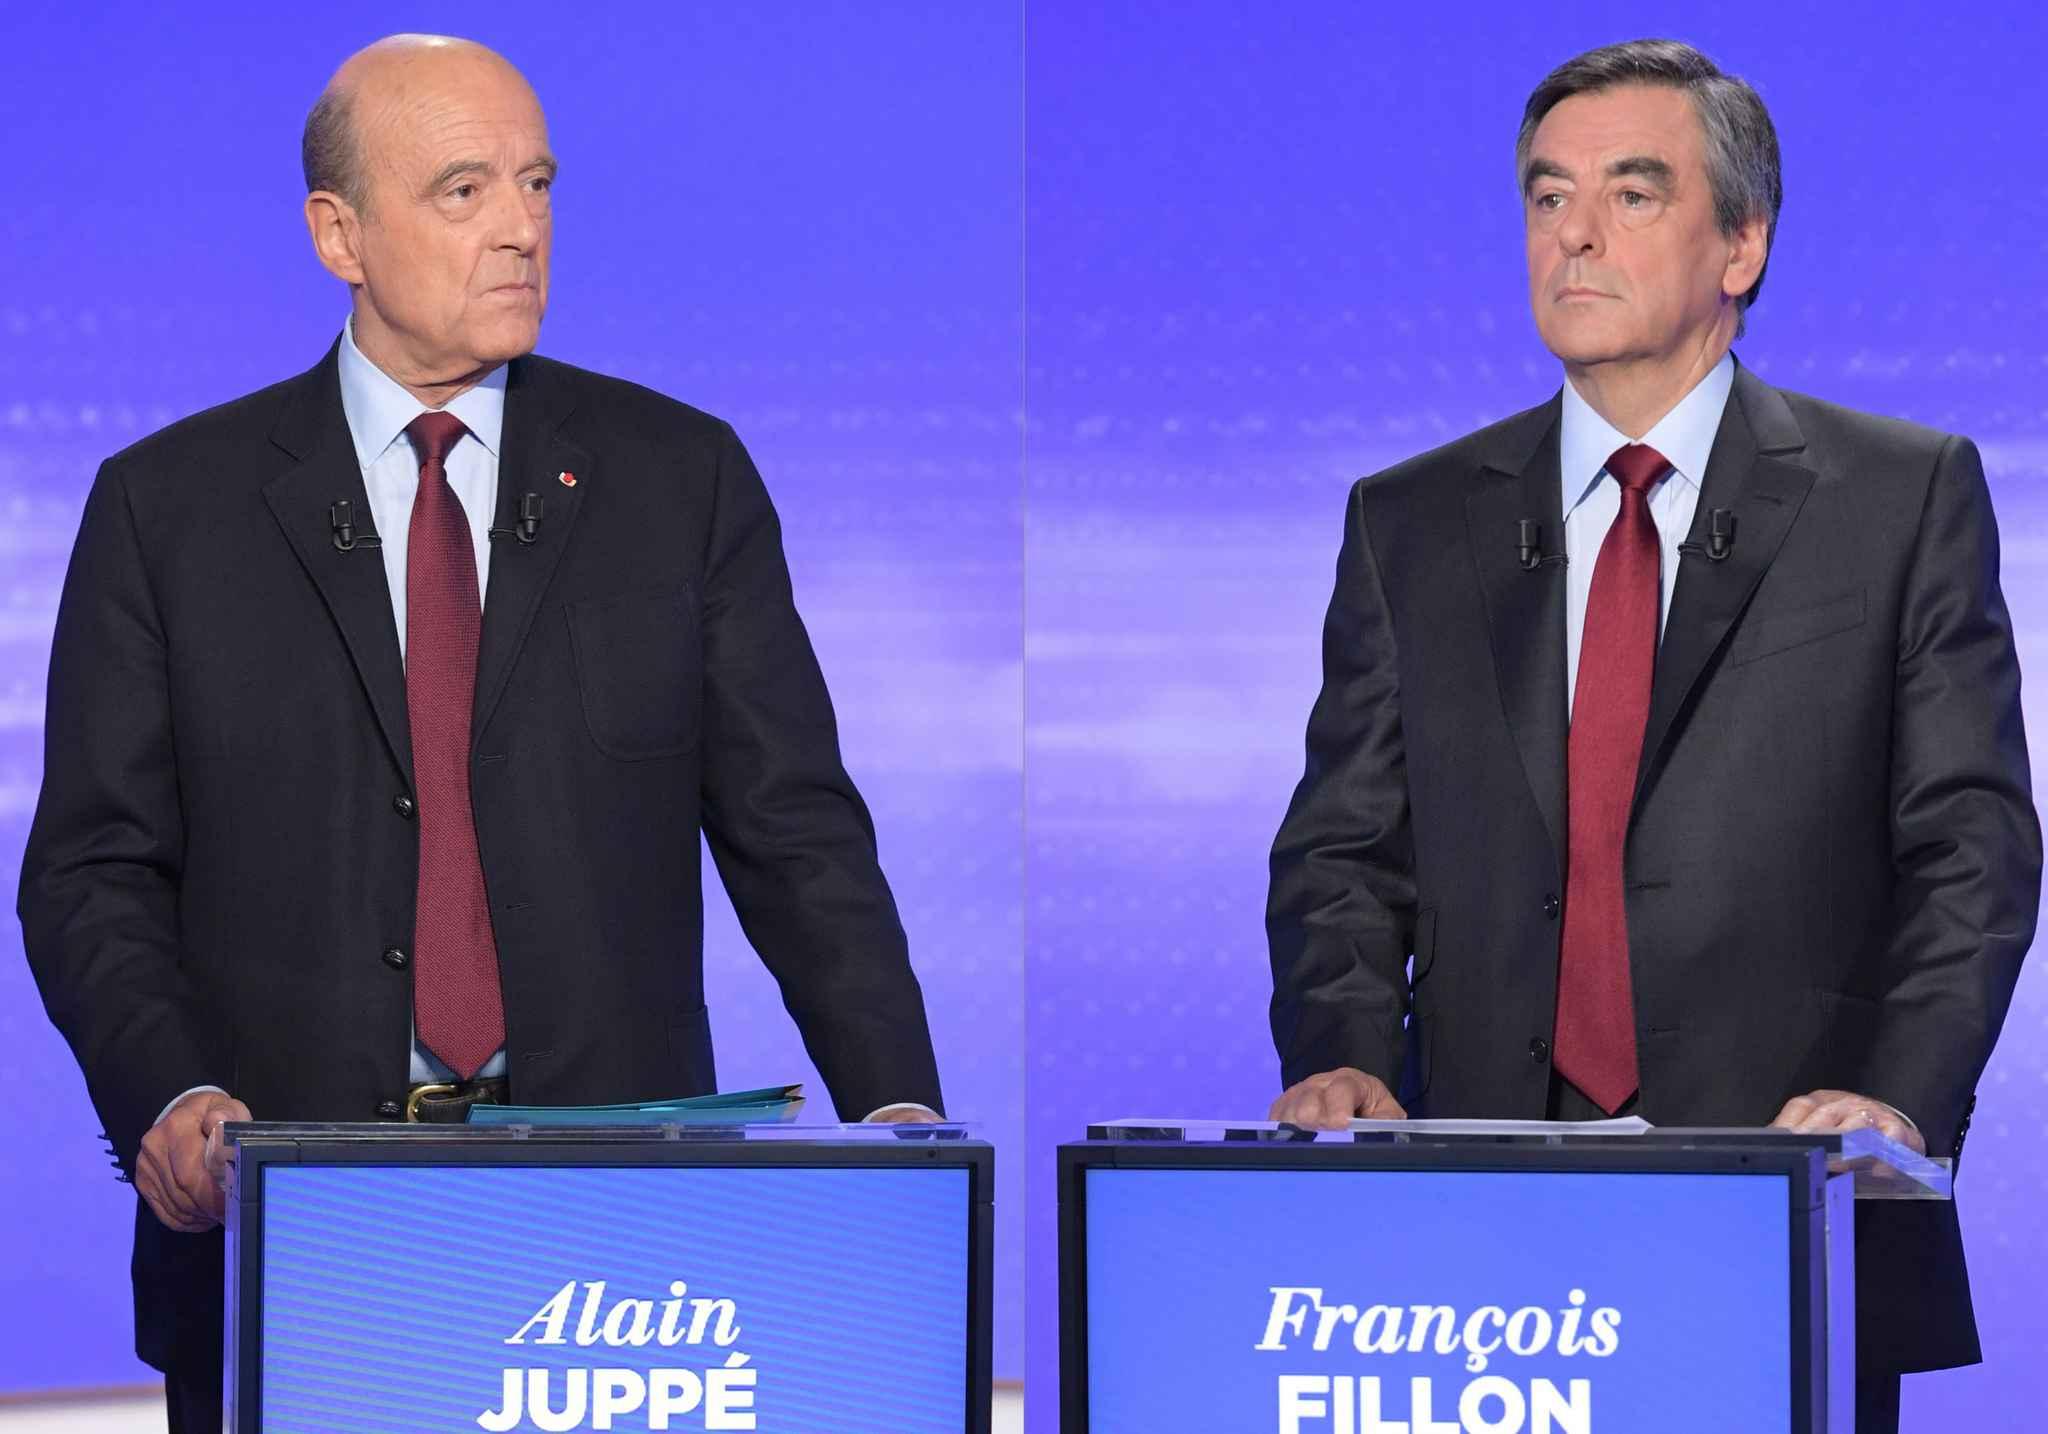 Primaires de la droite: Alain Juppé cogne, François Fillon esquive et répond